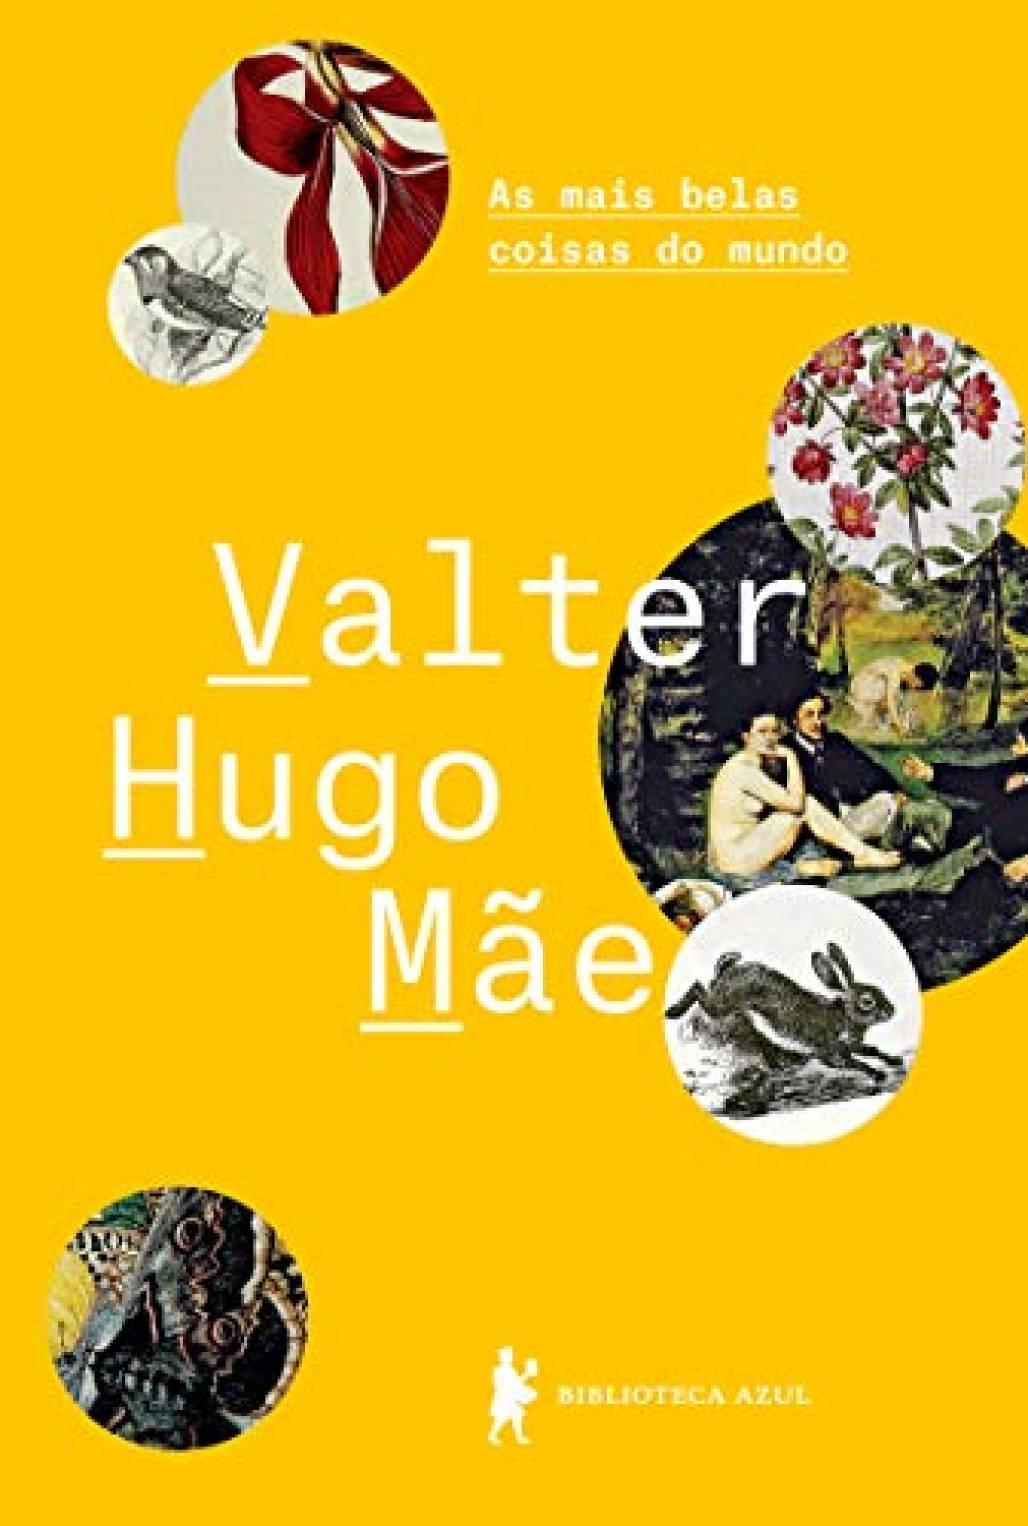 Valter Hugo Mãe (Reprodução: Internet)